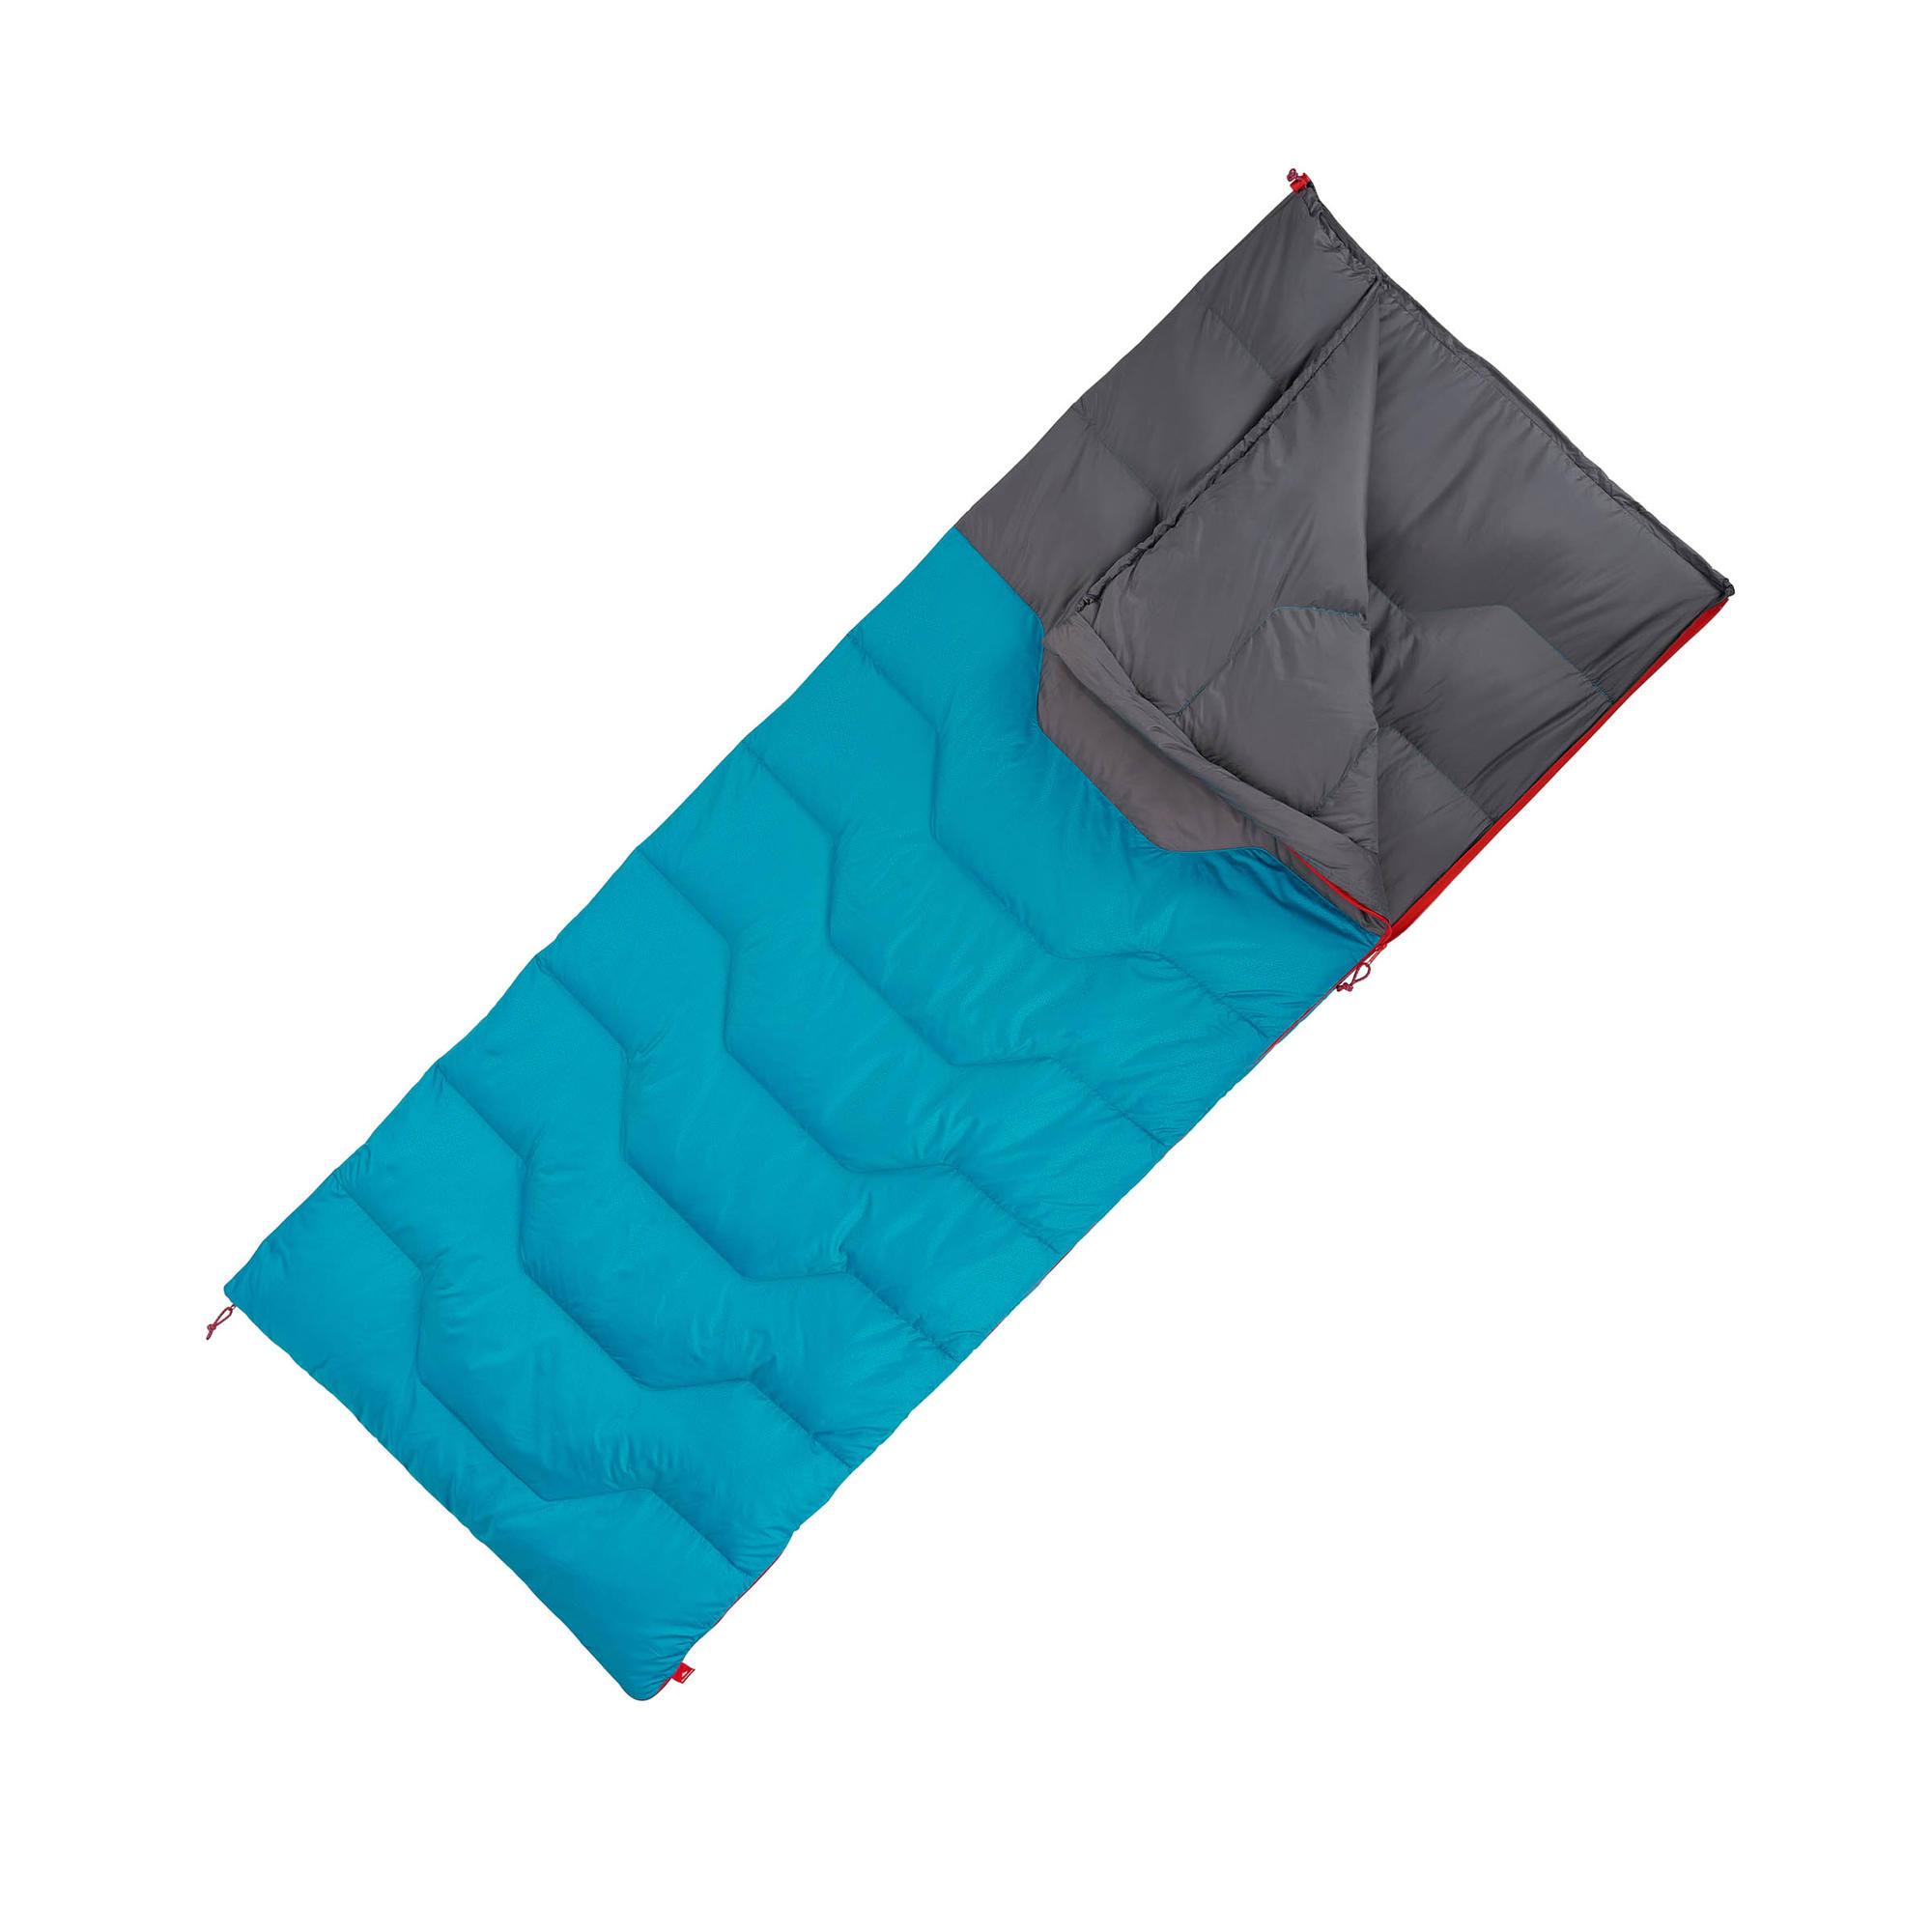 sac de couchage de camping camp du randonneur arpenaz 10 plume bleu quechua. Black Bedroom Furniture Sets. Home Design Ideas